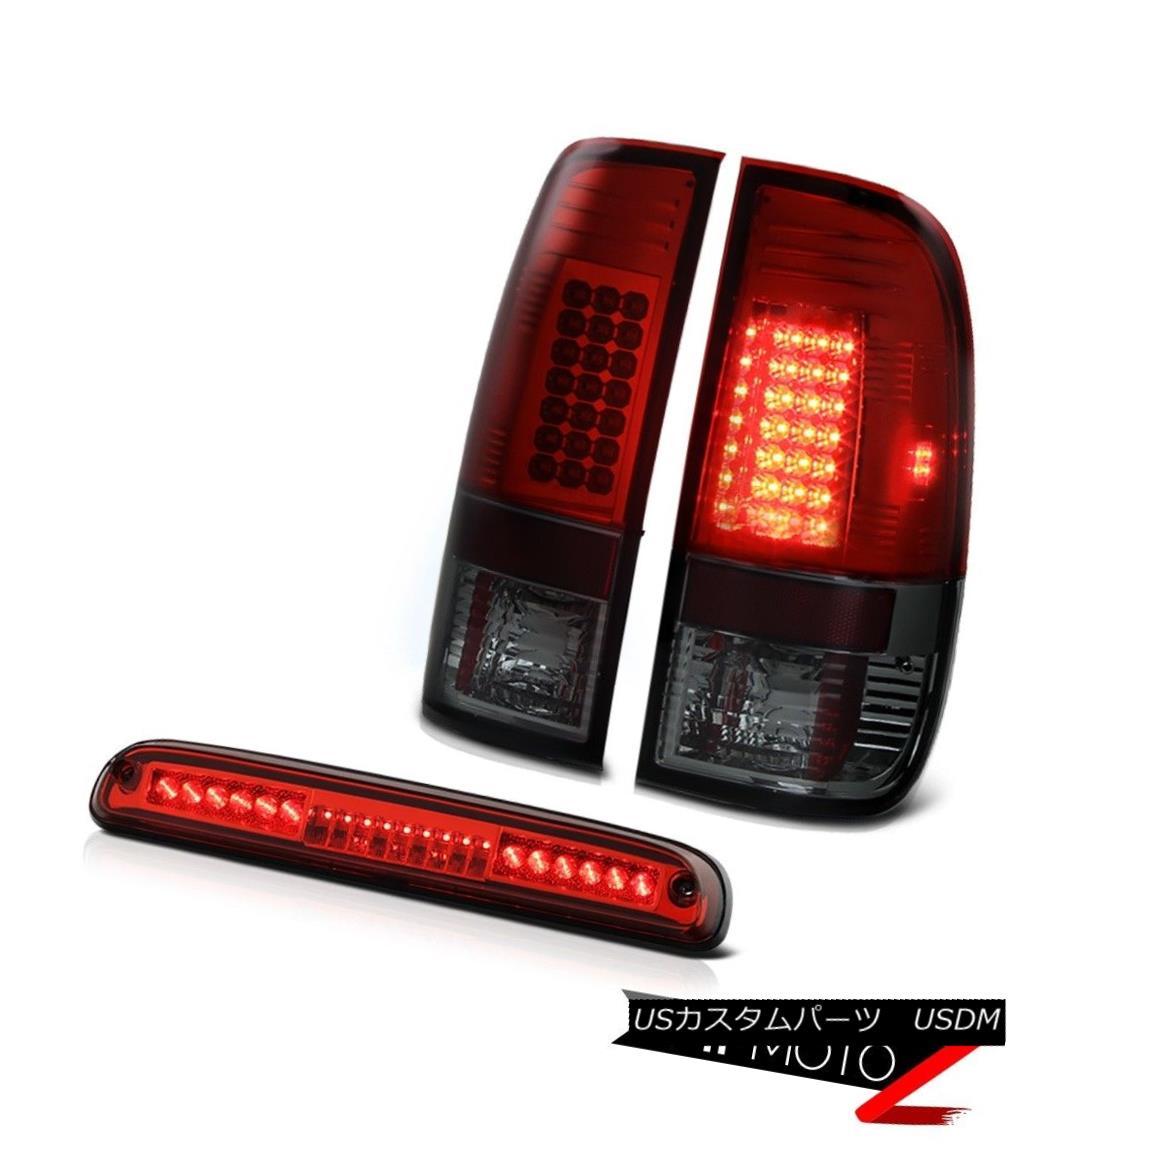 テールライト 99-04 F350 Turbo Diesel Dark Rosso Red LED Tail Light High Third Brake Cargo 99-04 F350ターボディーゼルダークロッソレッドLEDテールライトハイセカンドブレーキ貨物